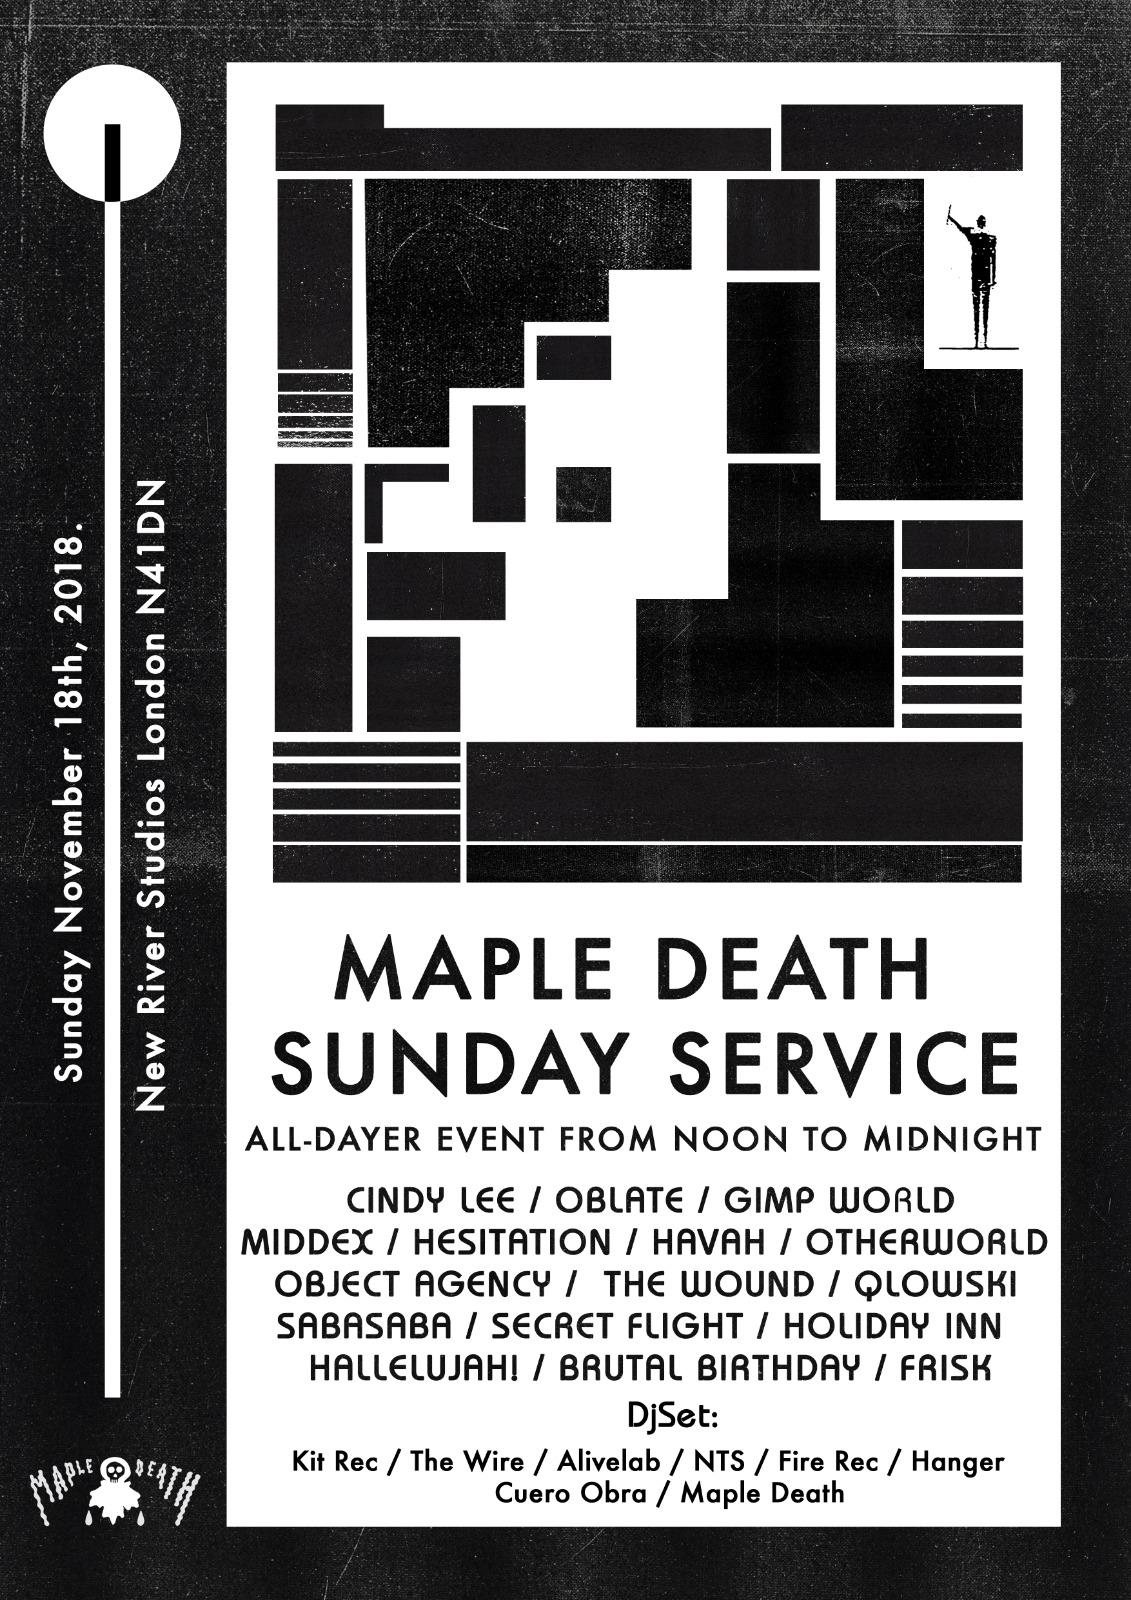 Live Archivi Maple Death Records